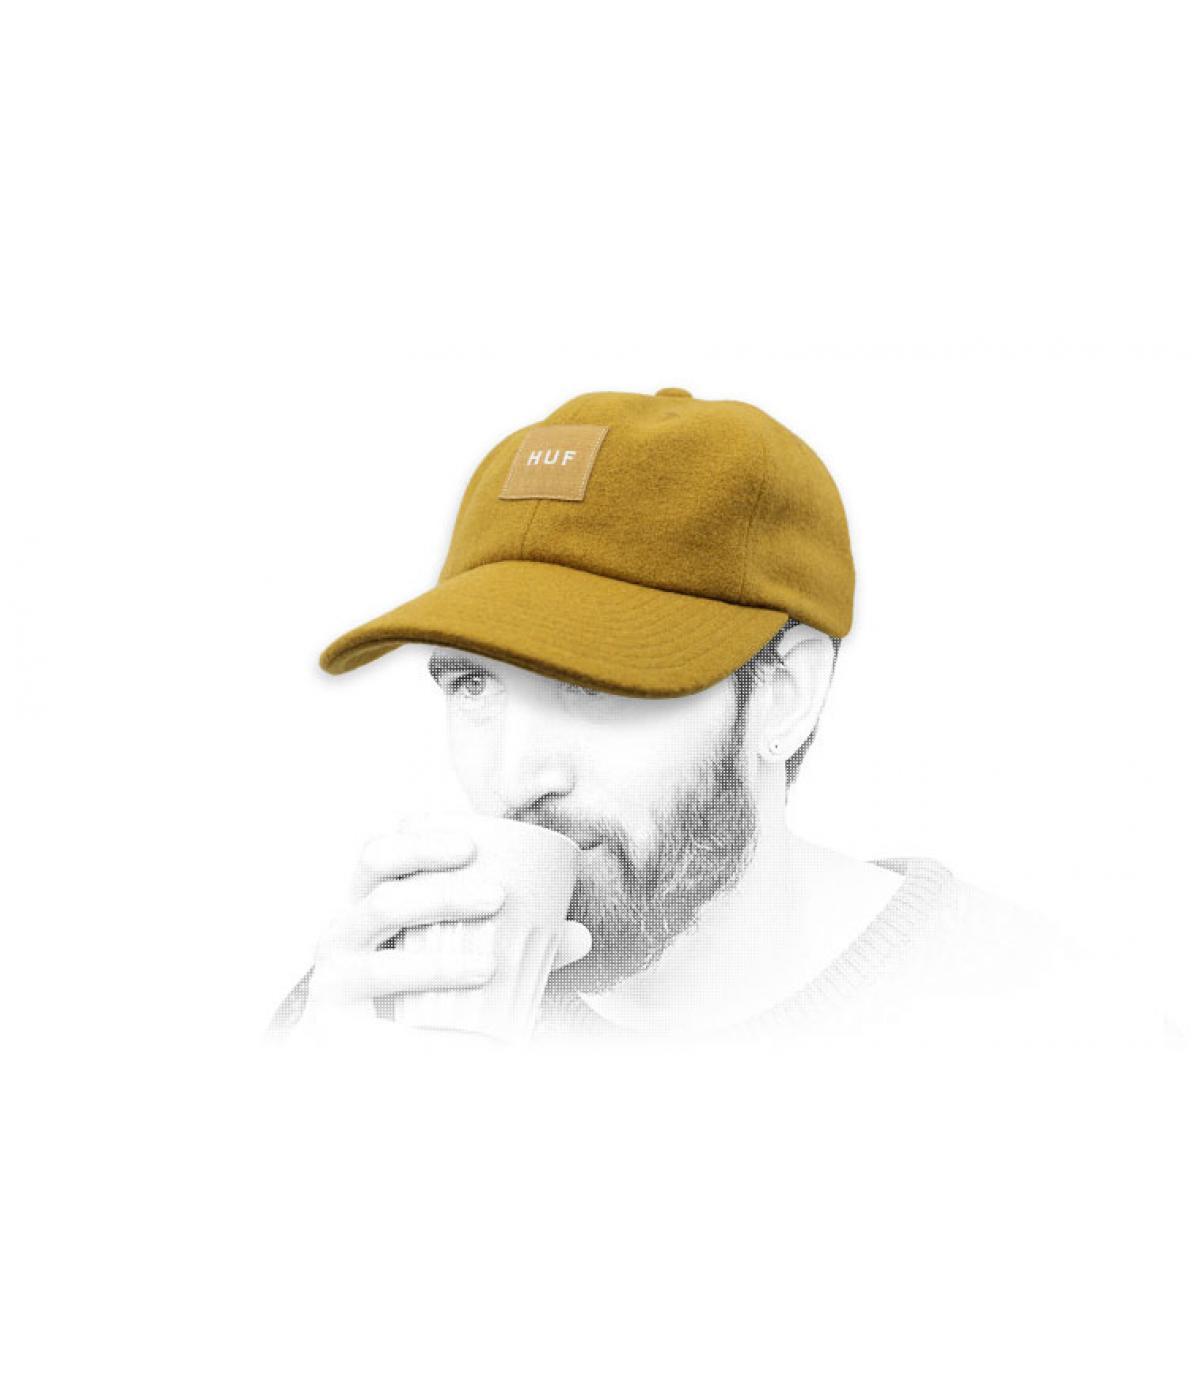 cappello di lana Melton Huf giallo